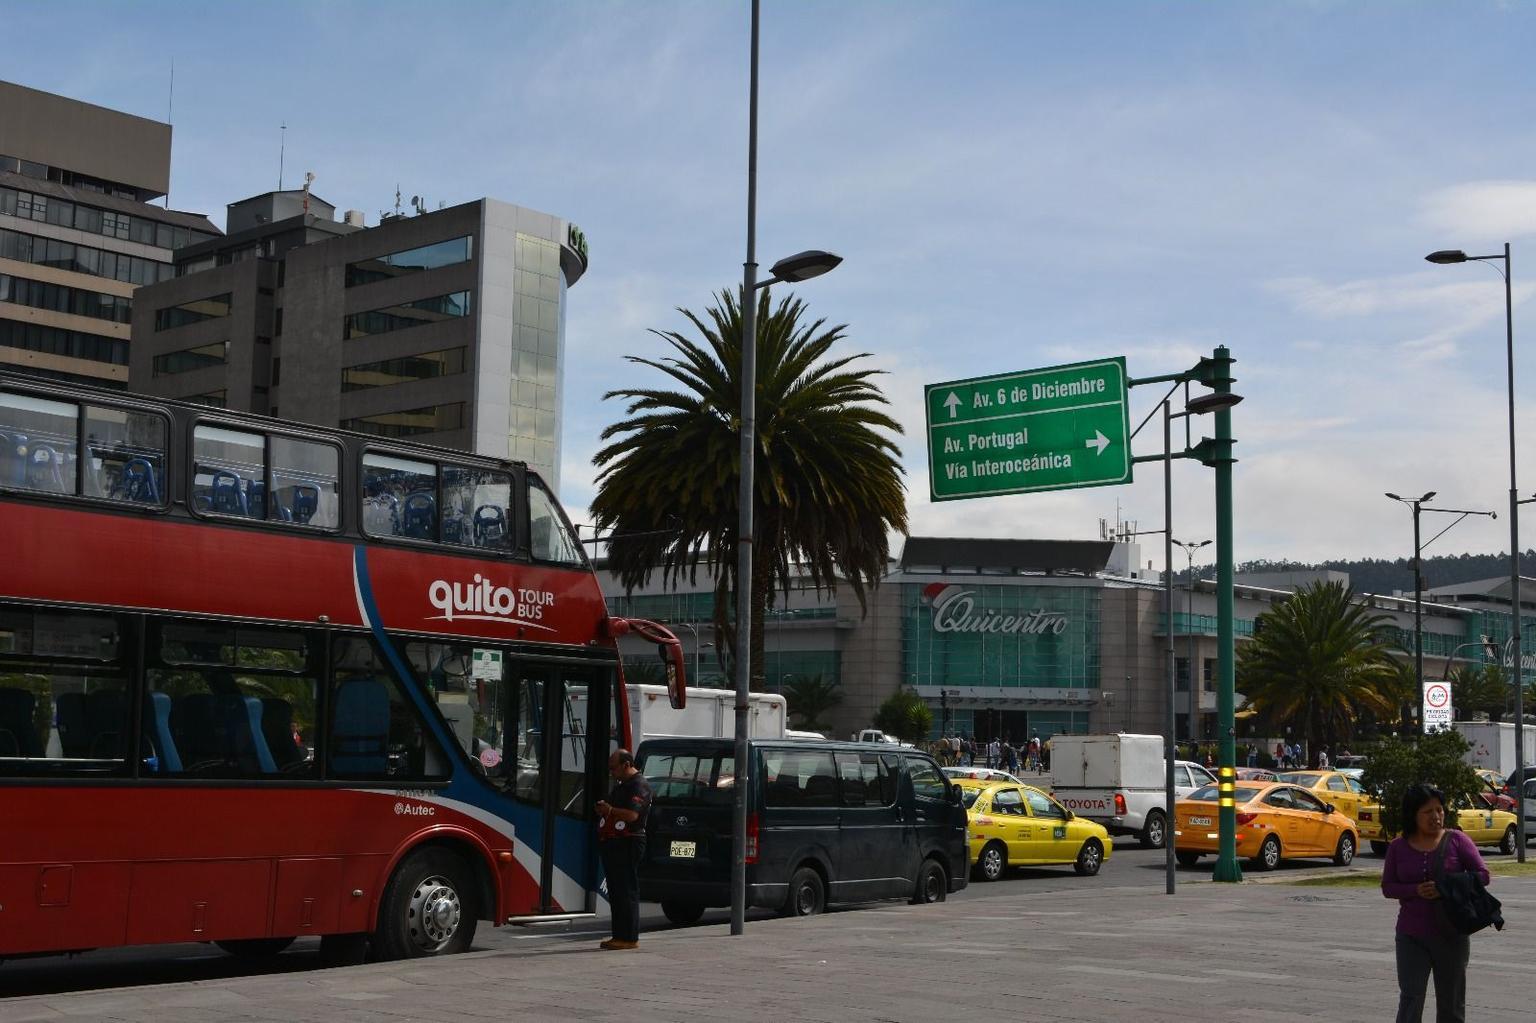 MAIS FOTOS, Excursão com várias paradas na cidade de Quito